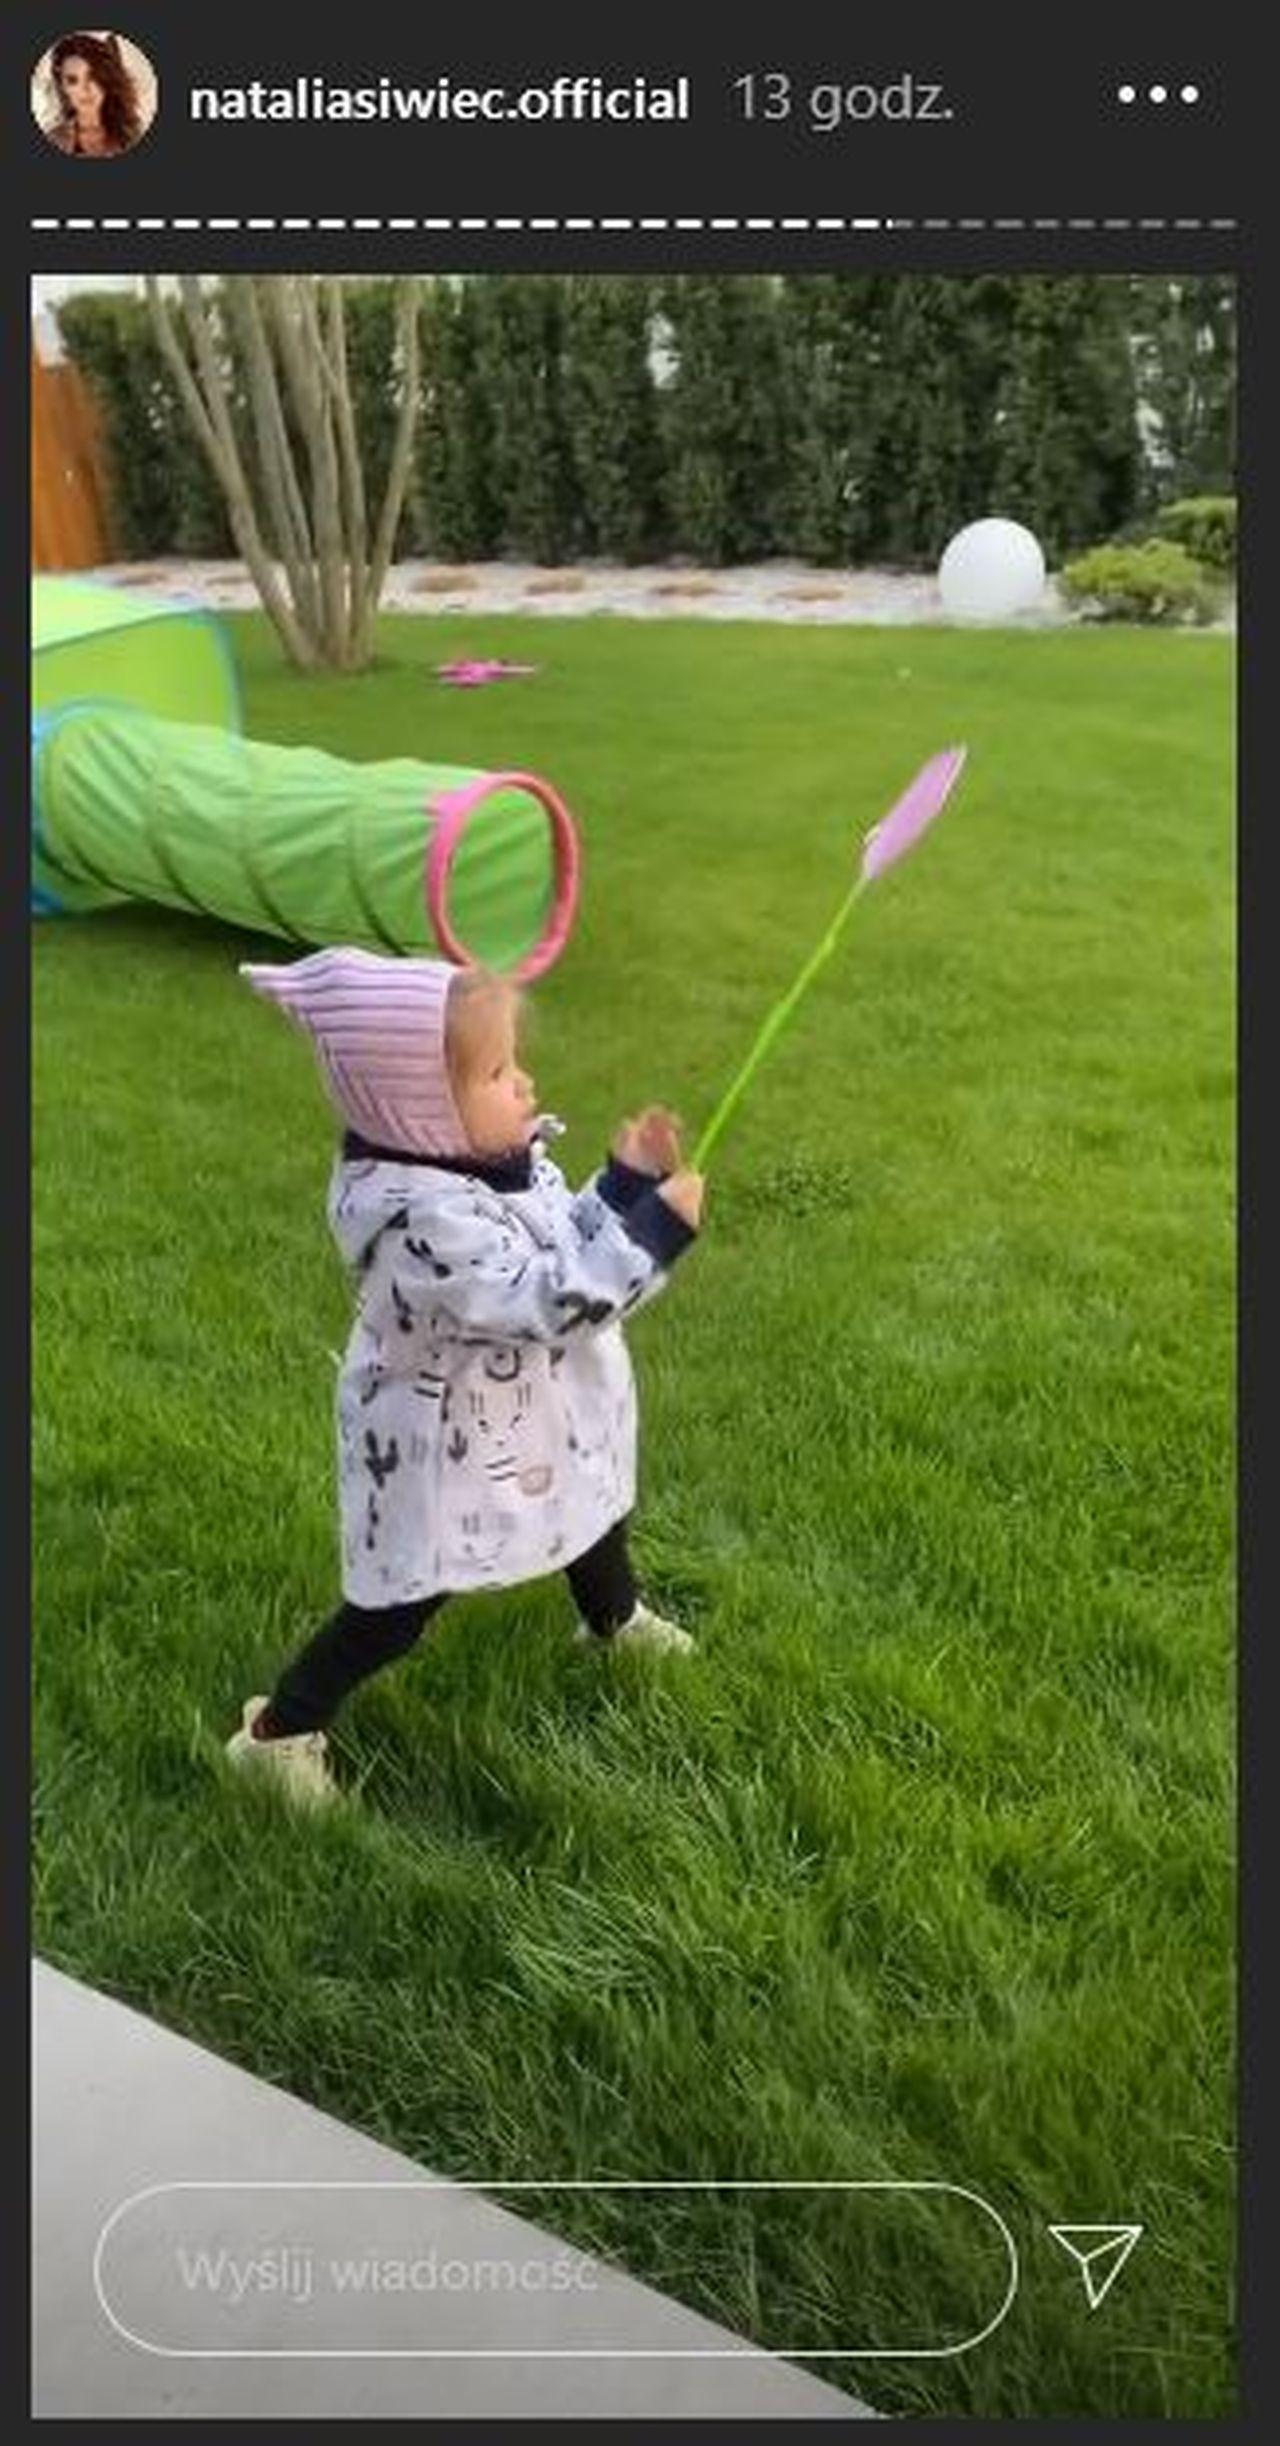 Córka Natalii Siwiec w ogrodzie